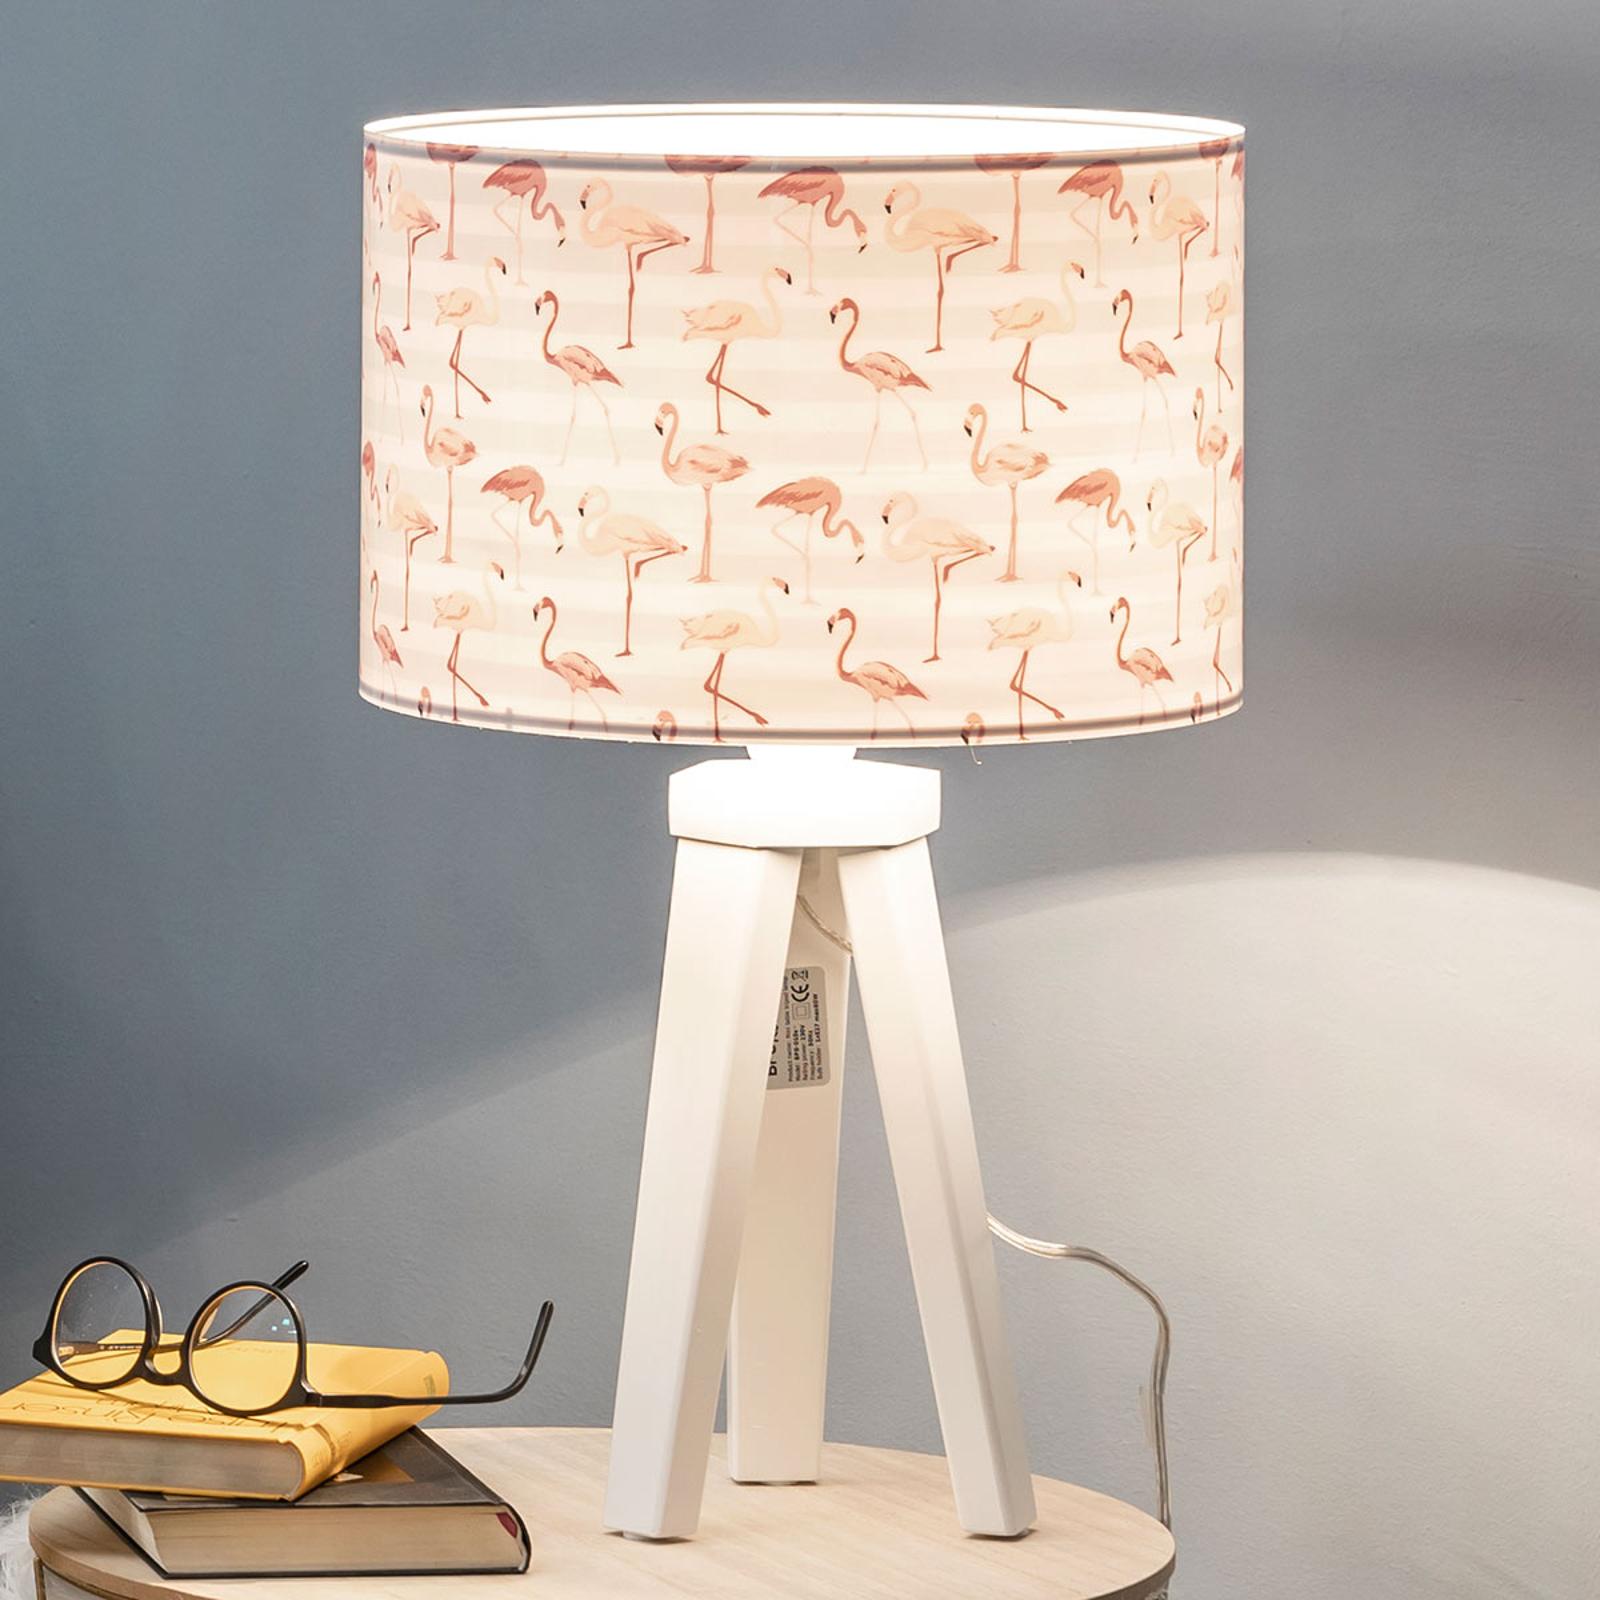 Tafellamp Miami met flamingo-print